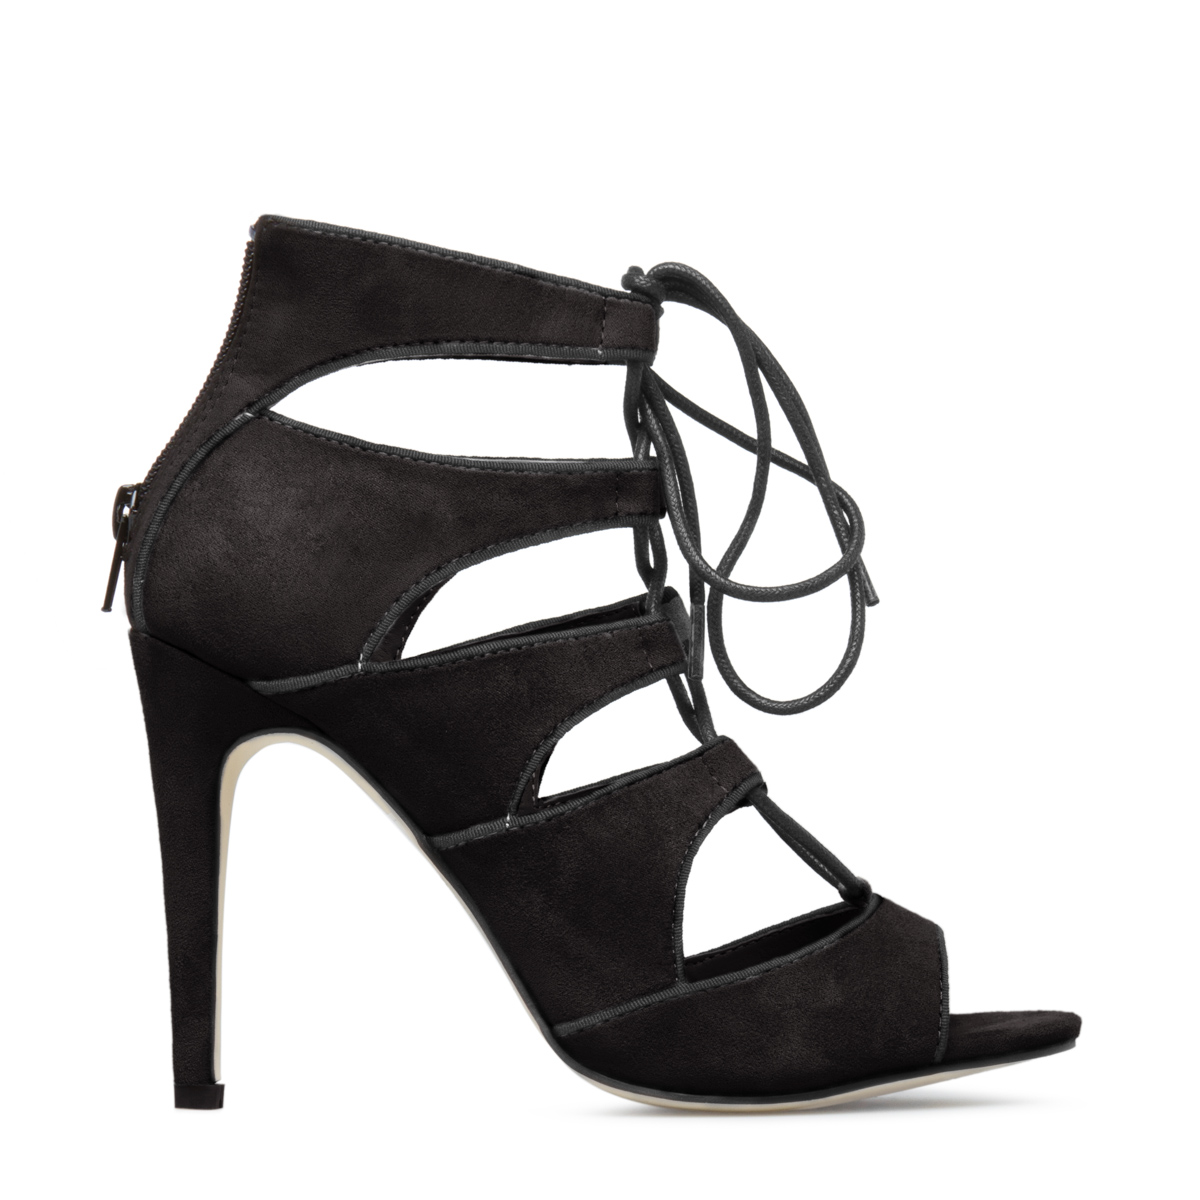 ShoeDazzle Kavita pump by Izabella Rue